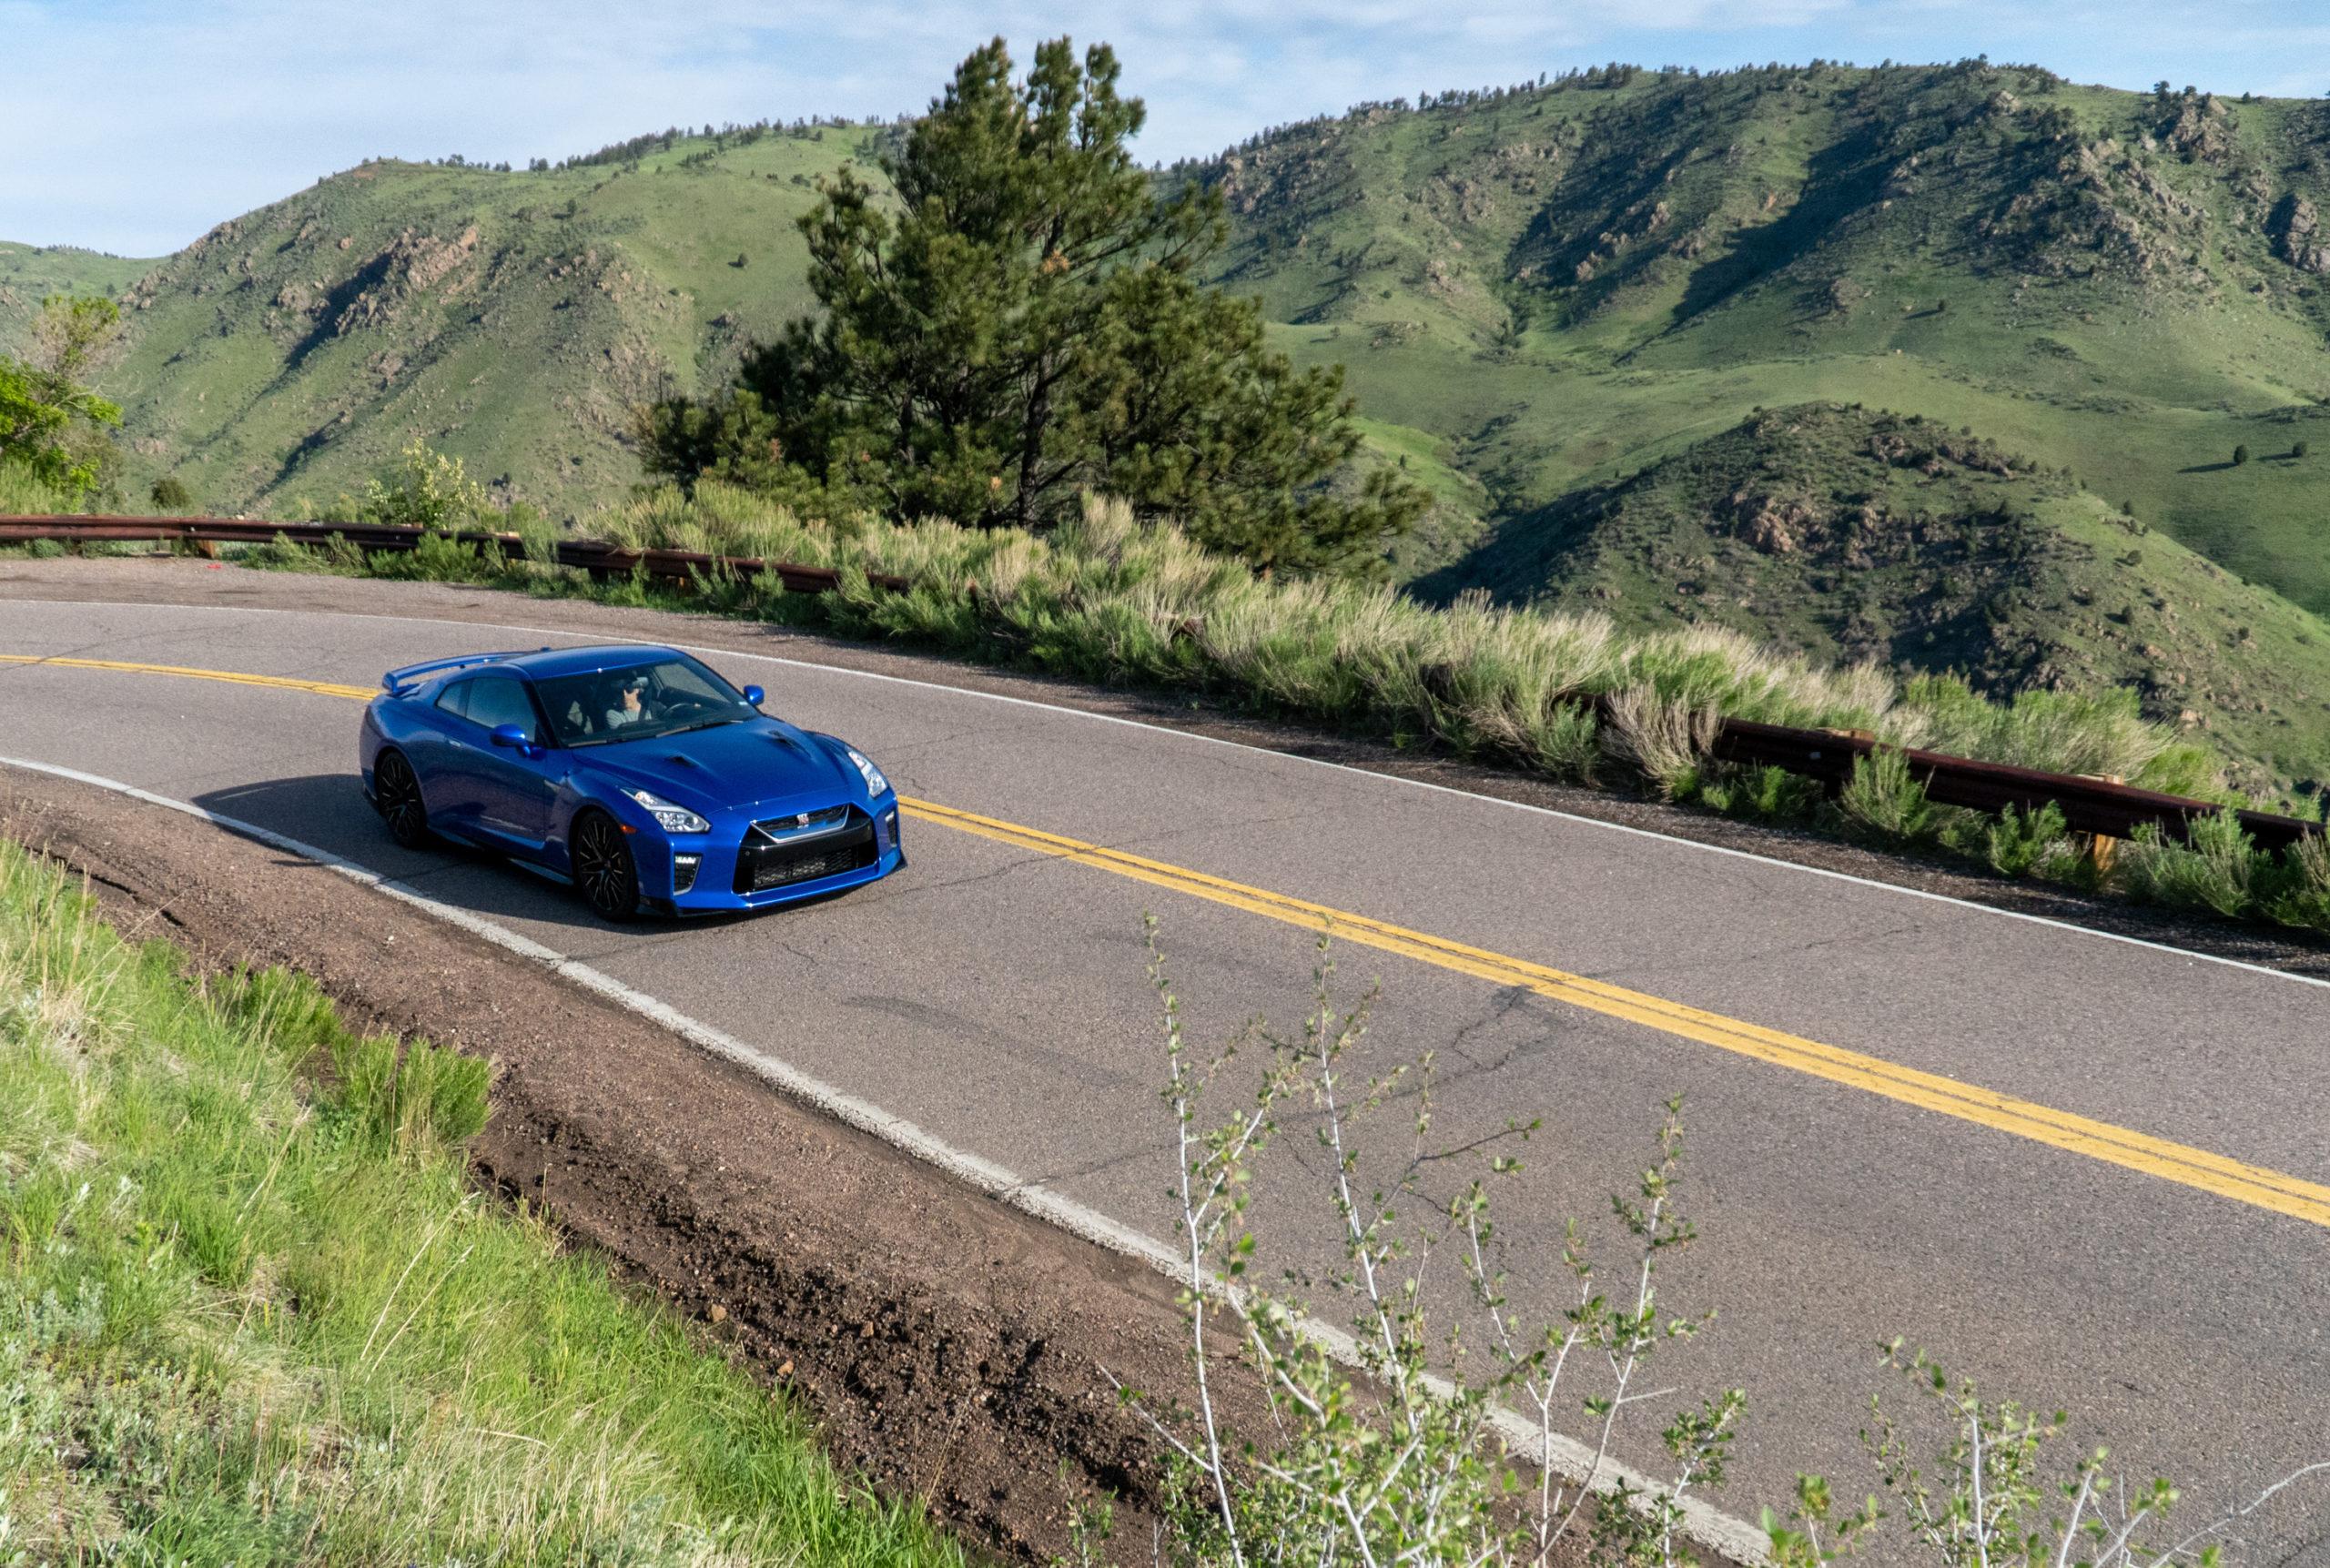 Nissan GR-R in Colorado